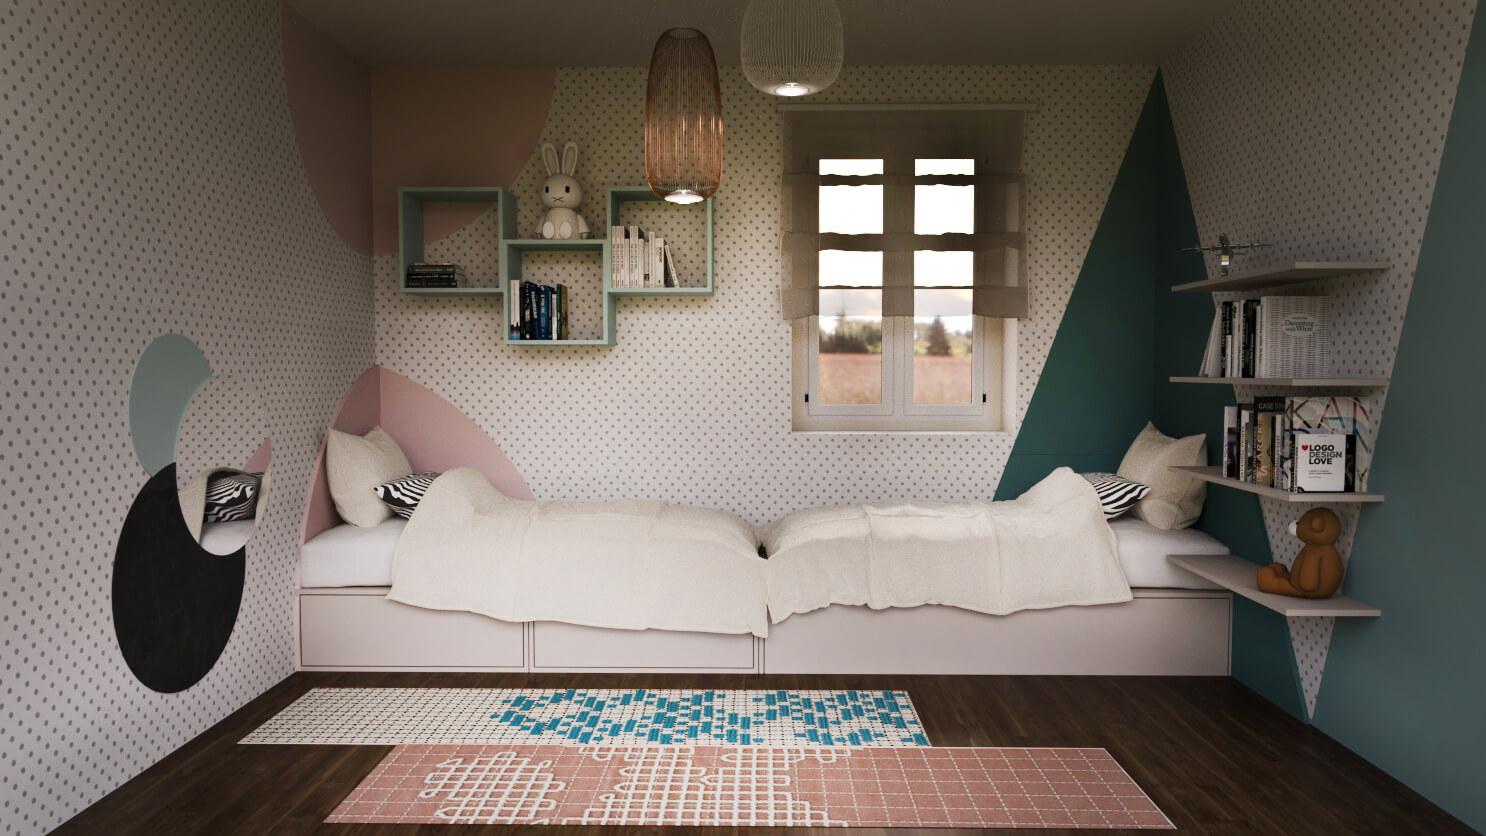 Appartamento color turchese e mattone